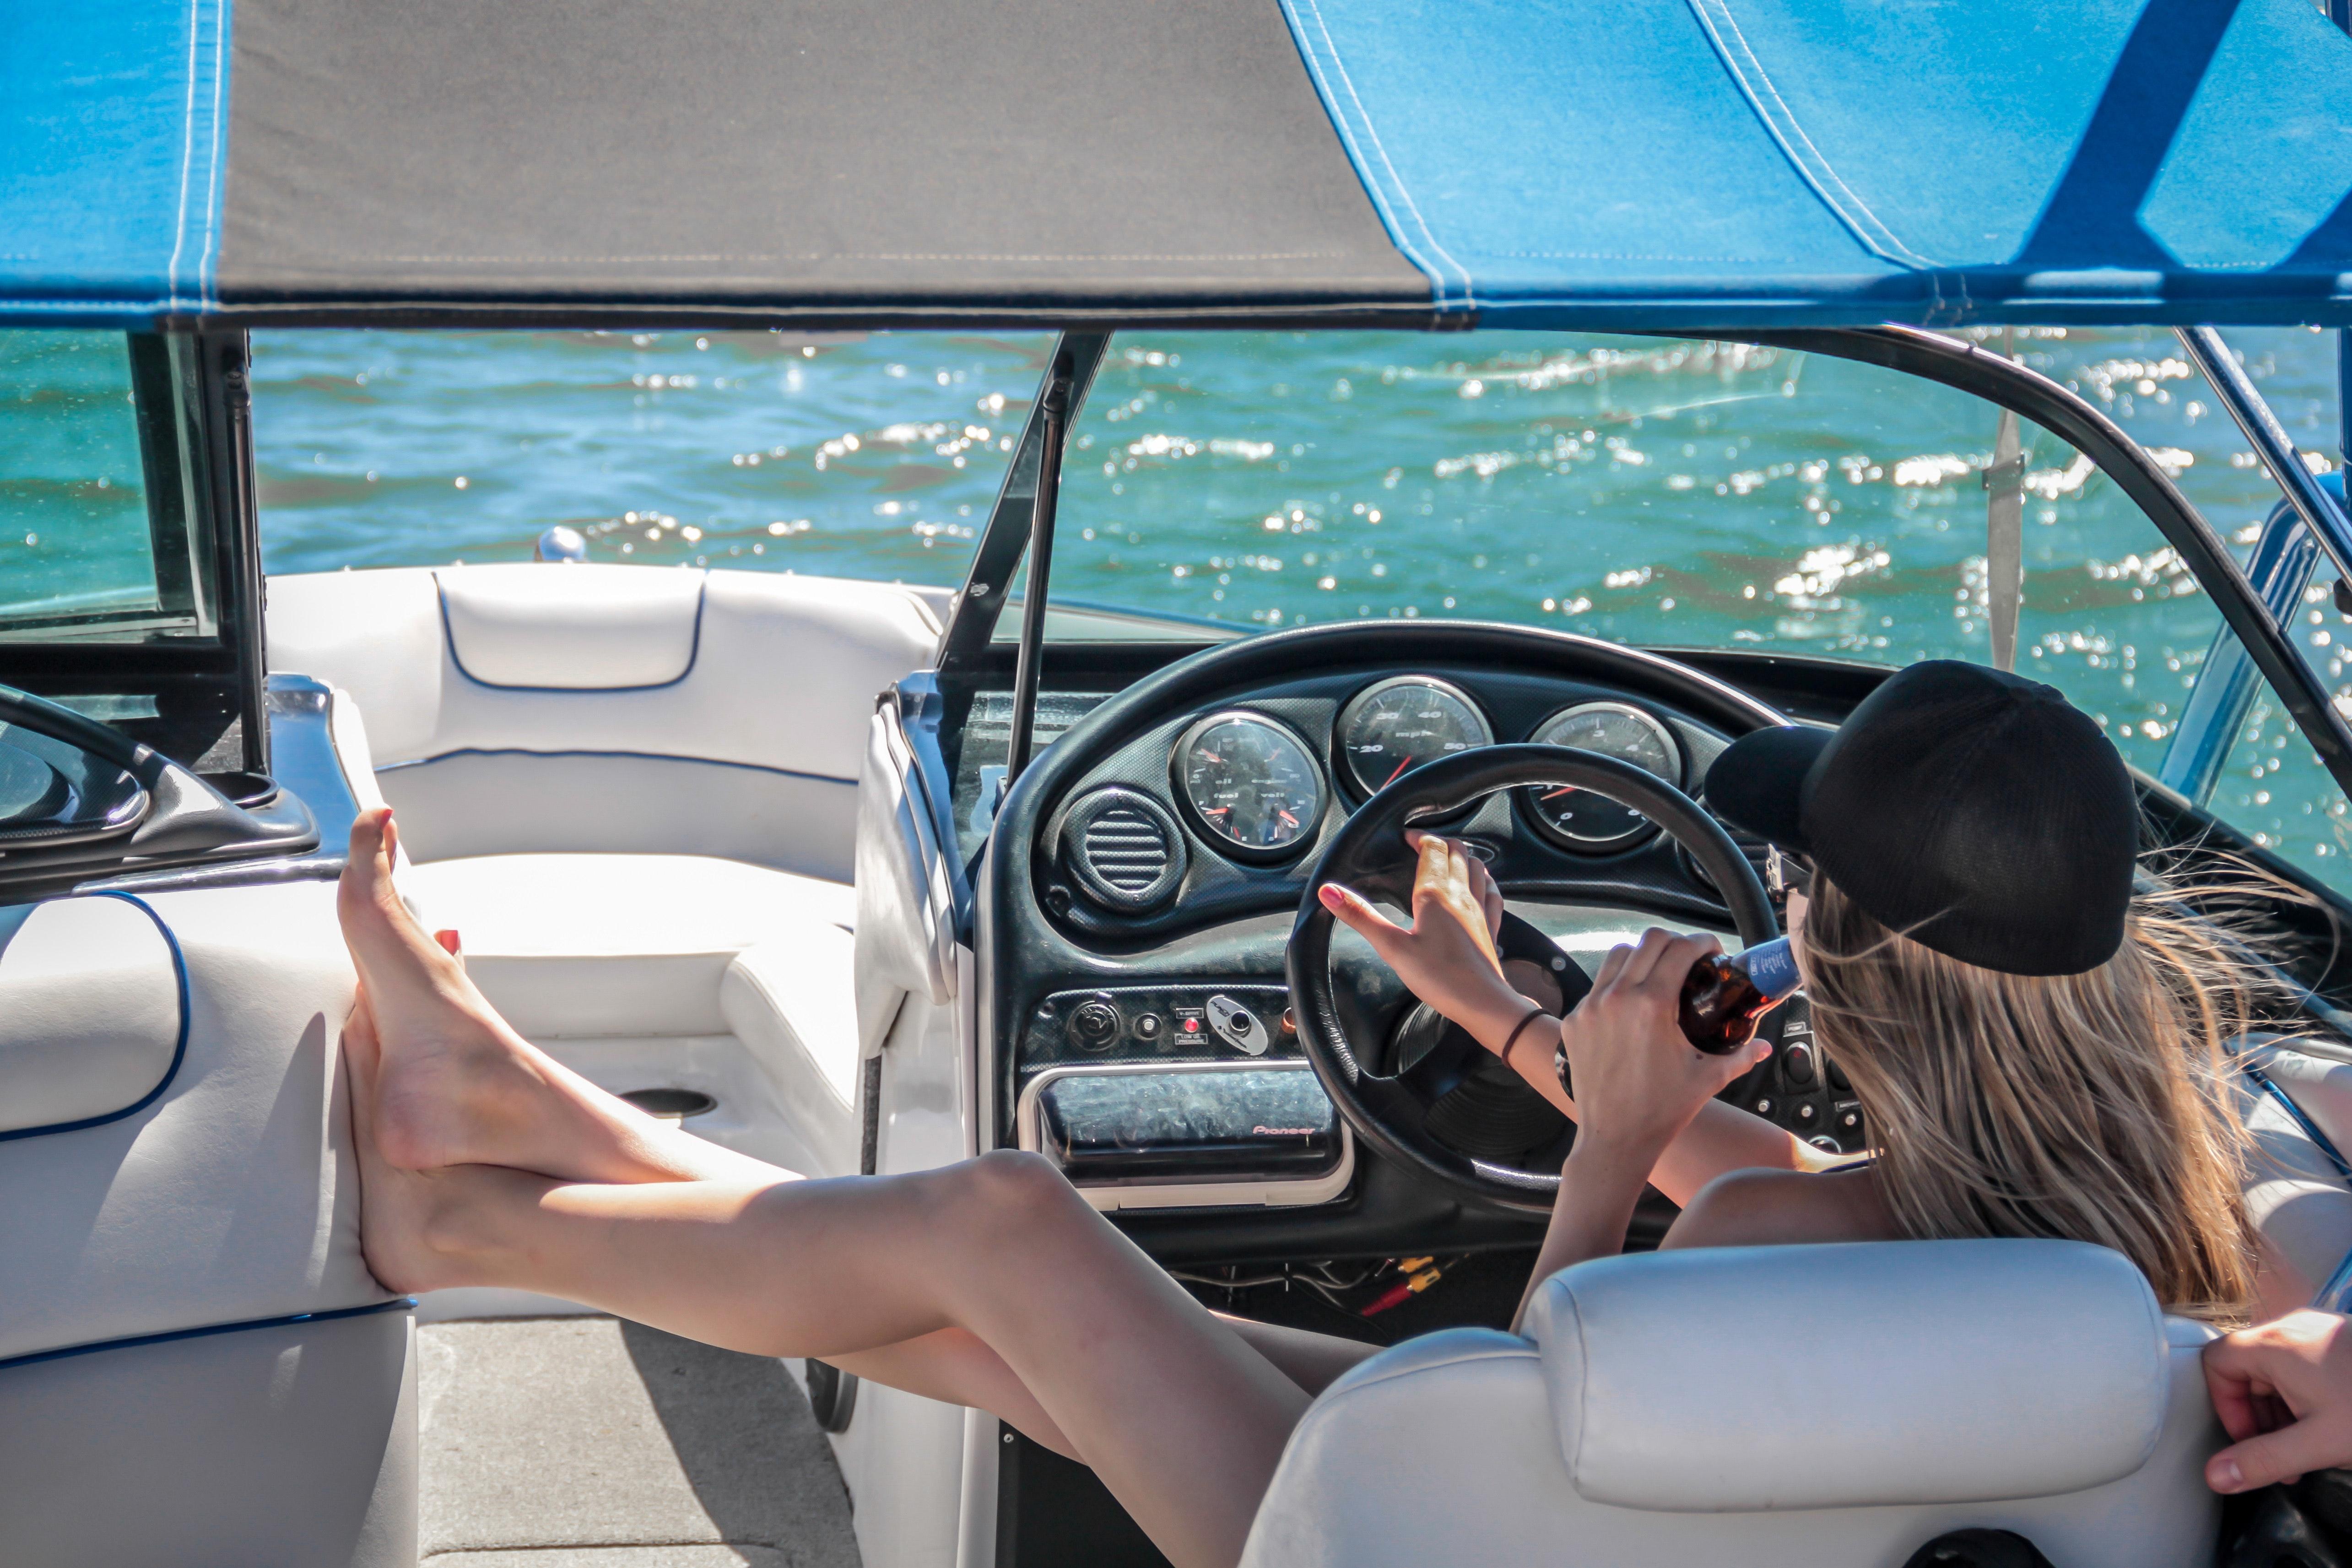 Woman Wearing Black Cap Holding Bottle on White Speedboat during Daytime, Steering wheel, Woman, Watercraft, Water, HQ Photo